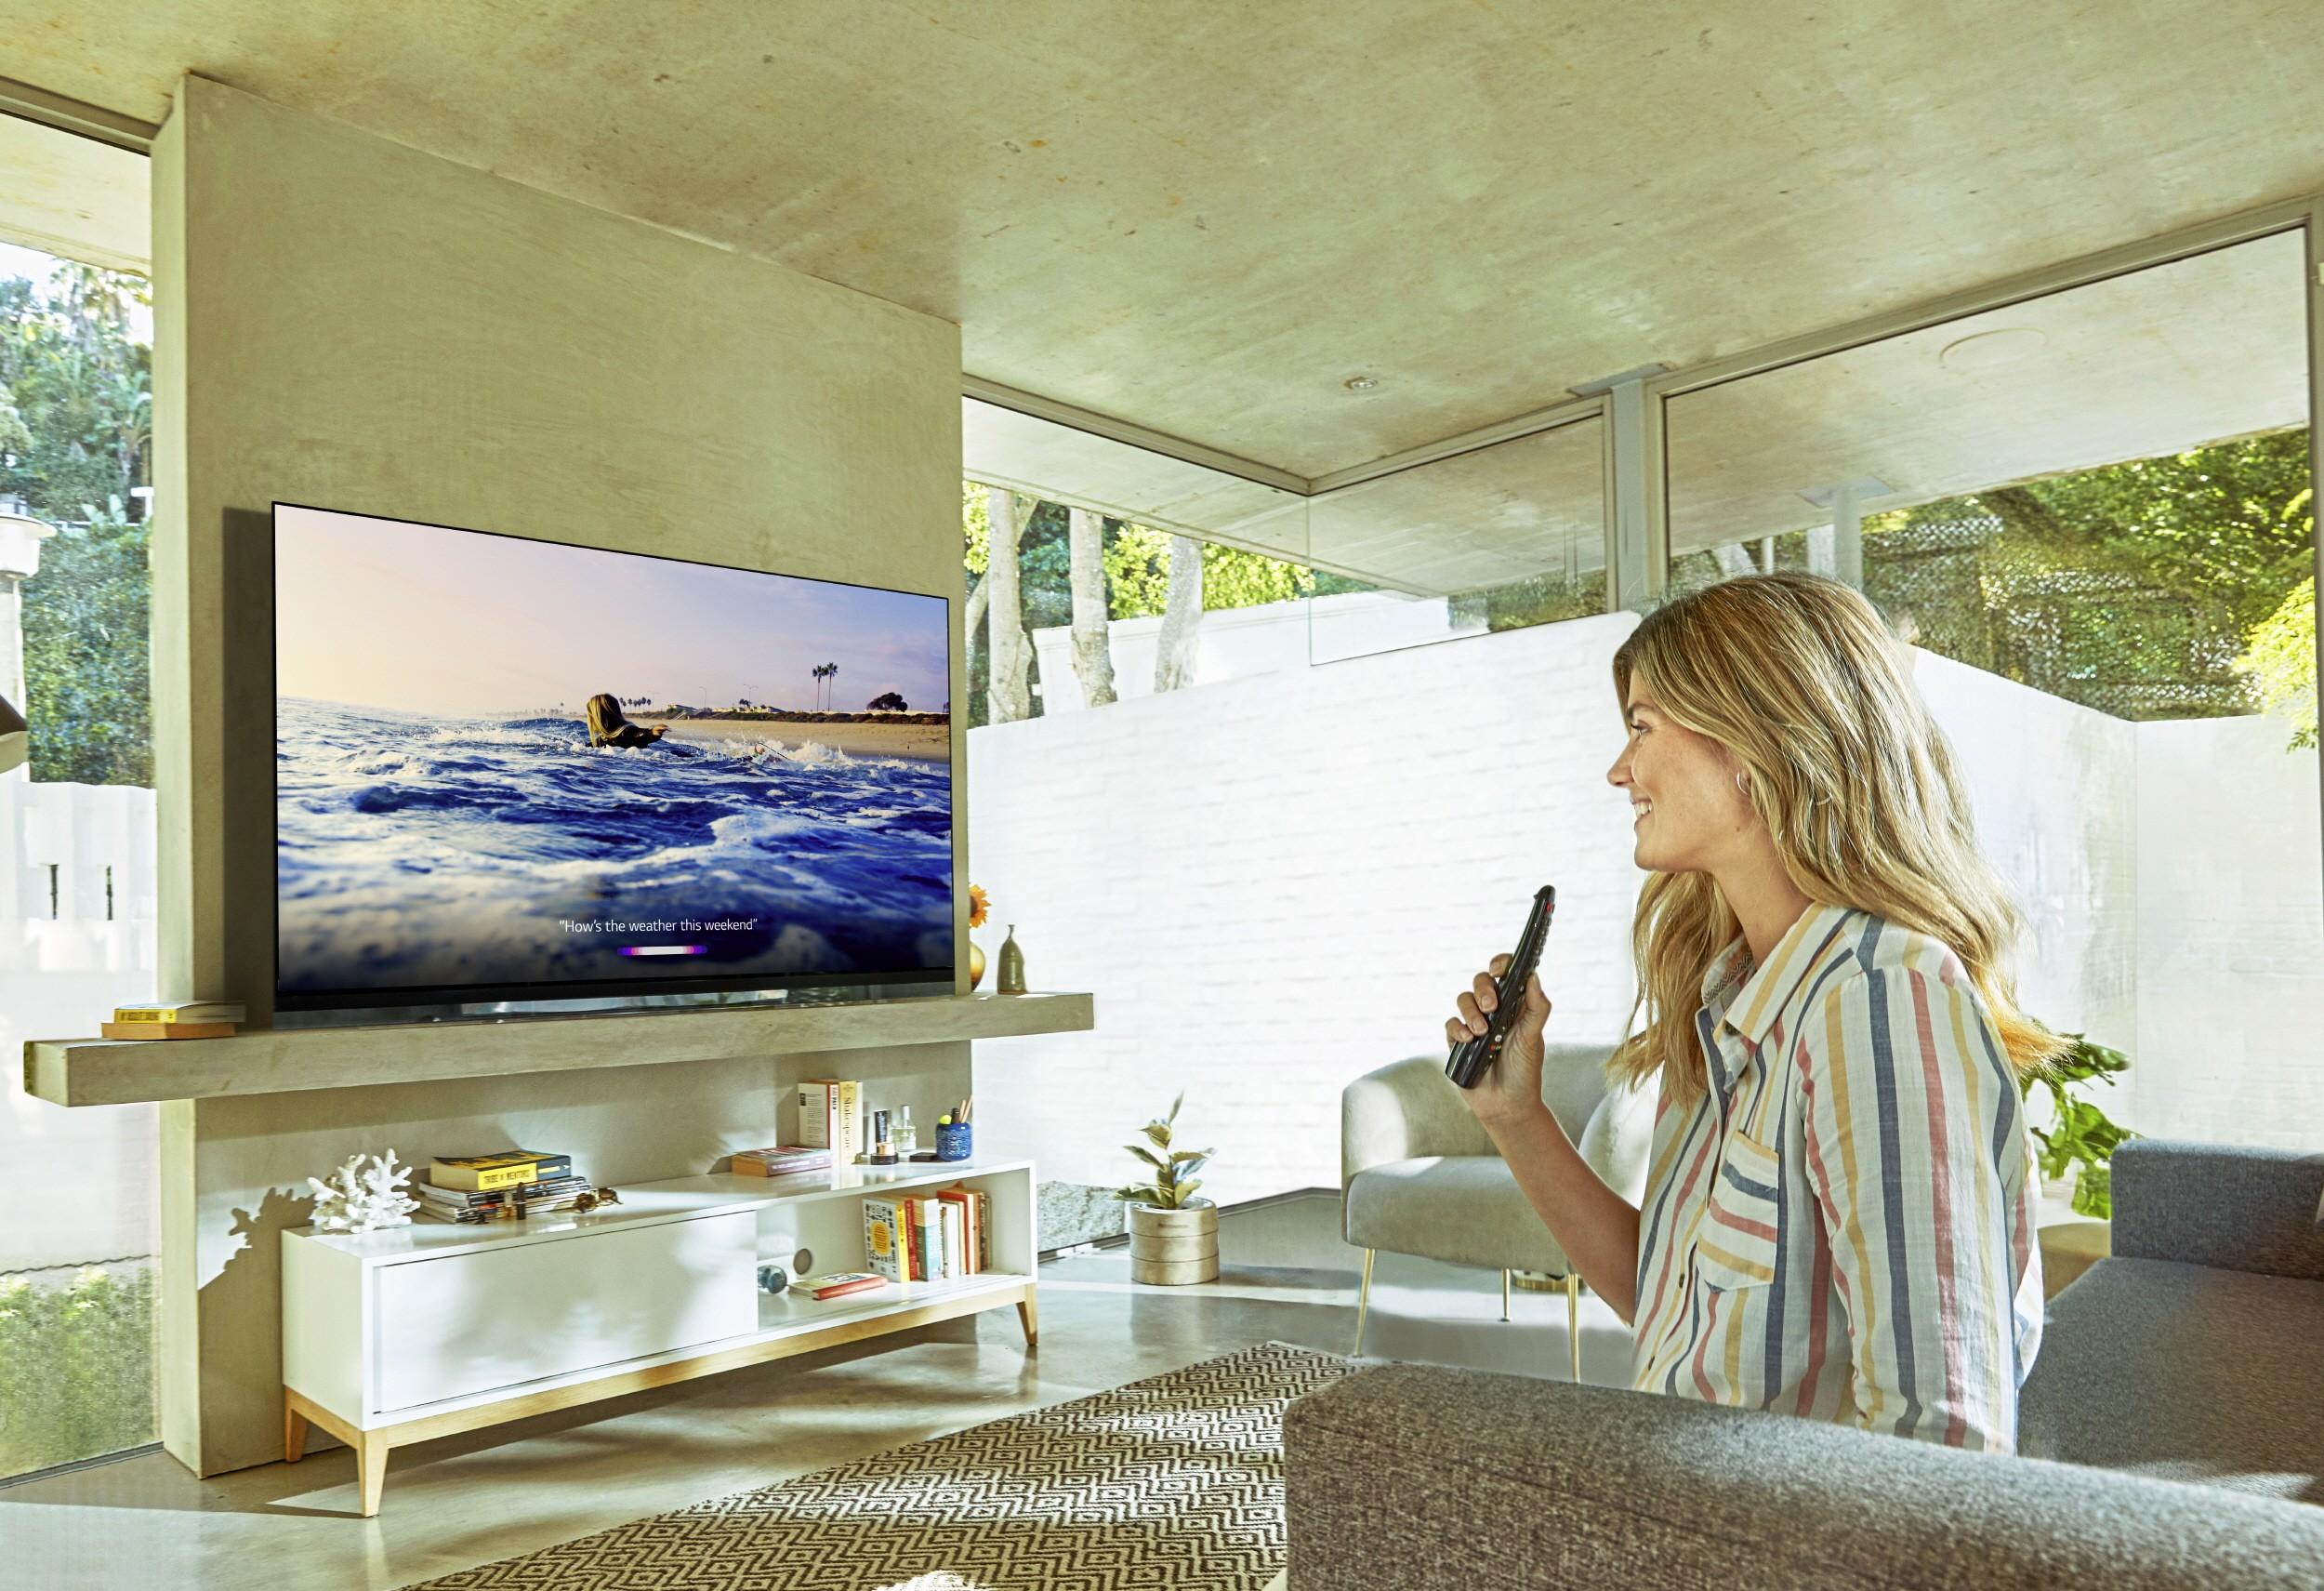 lg 88 inch tv